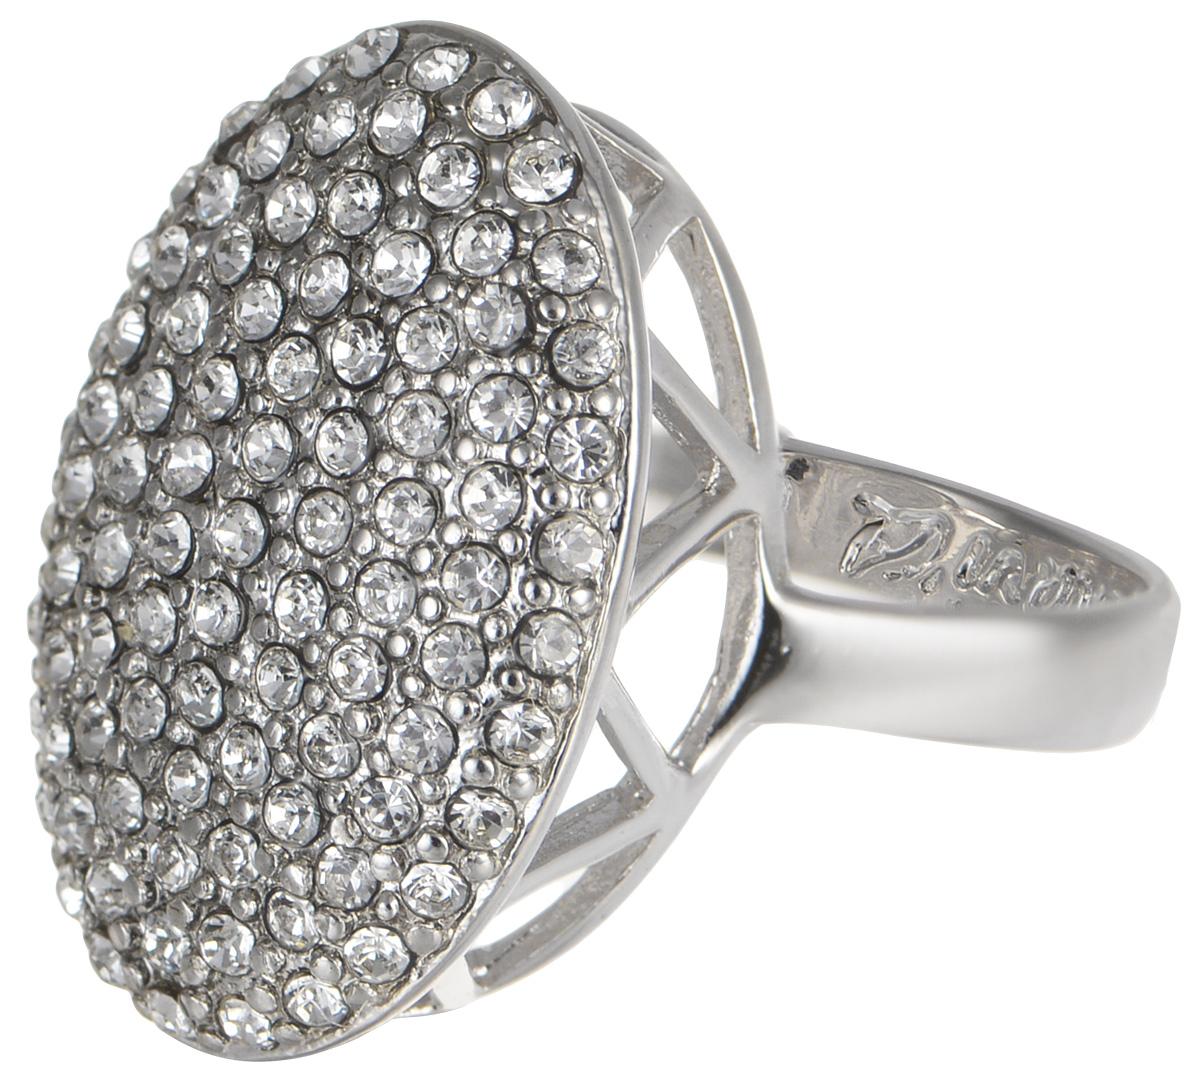 Кольцо Jenavi Мириада. Гросс, цвет: серебро. r633f000. Размер 17Коктейльное кольцоКольцо Jenavi Гросс из коллекции Мириада изготовлено из гипоаллергенного ювелирного сплава с покрытием родием и украшено яркими кристаллами Swarovski. Это кольцо никогда не затеряется среди других ваших украшений, ведь сверкающие кристаллы Swarovski и покрытие из настоящего родиявыглядят роскошно и очень дорого. Кроме того, его изысканный дизайн так выгодно подчеркивает достоинства кристаллов, что они не уступают своей красотой драгоценным камням.В новой коллекции Мириада - бесчисленное количество кристаллов Swarovski разных размеров, цветов и оттенков. Они вдохновляют - на романтическое настроение, на смелые поступки, на позитивные эмоции. Они придают новое толкование всем известной истины - красоты никогда не бывает много!Мириада от Jenavi - удовольствие, которое может длиться вечно.